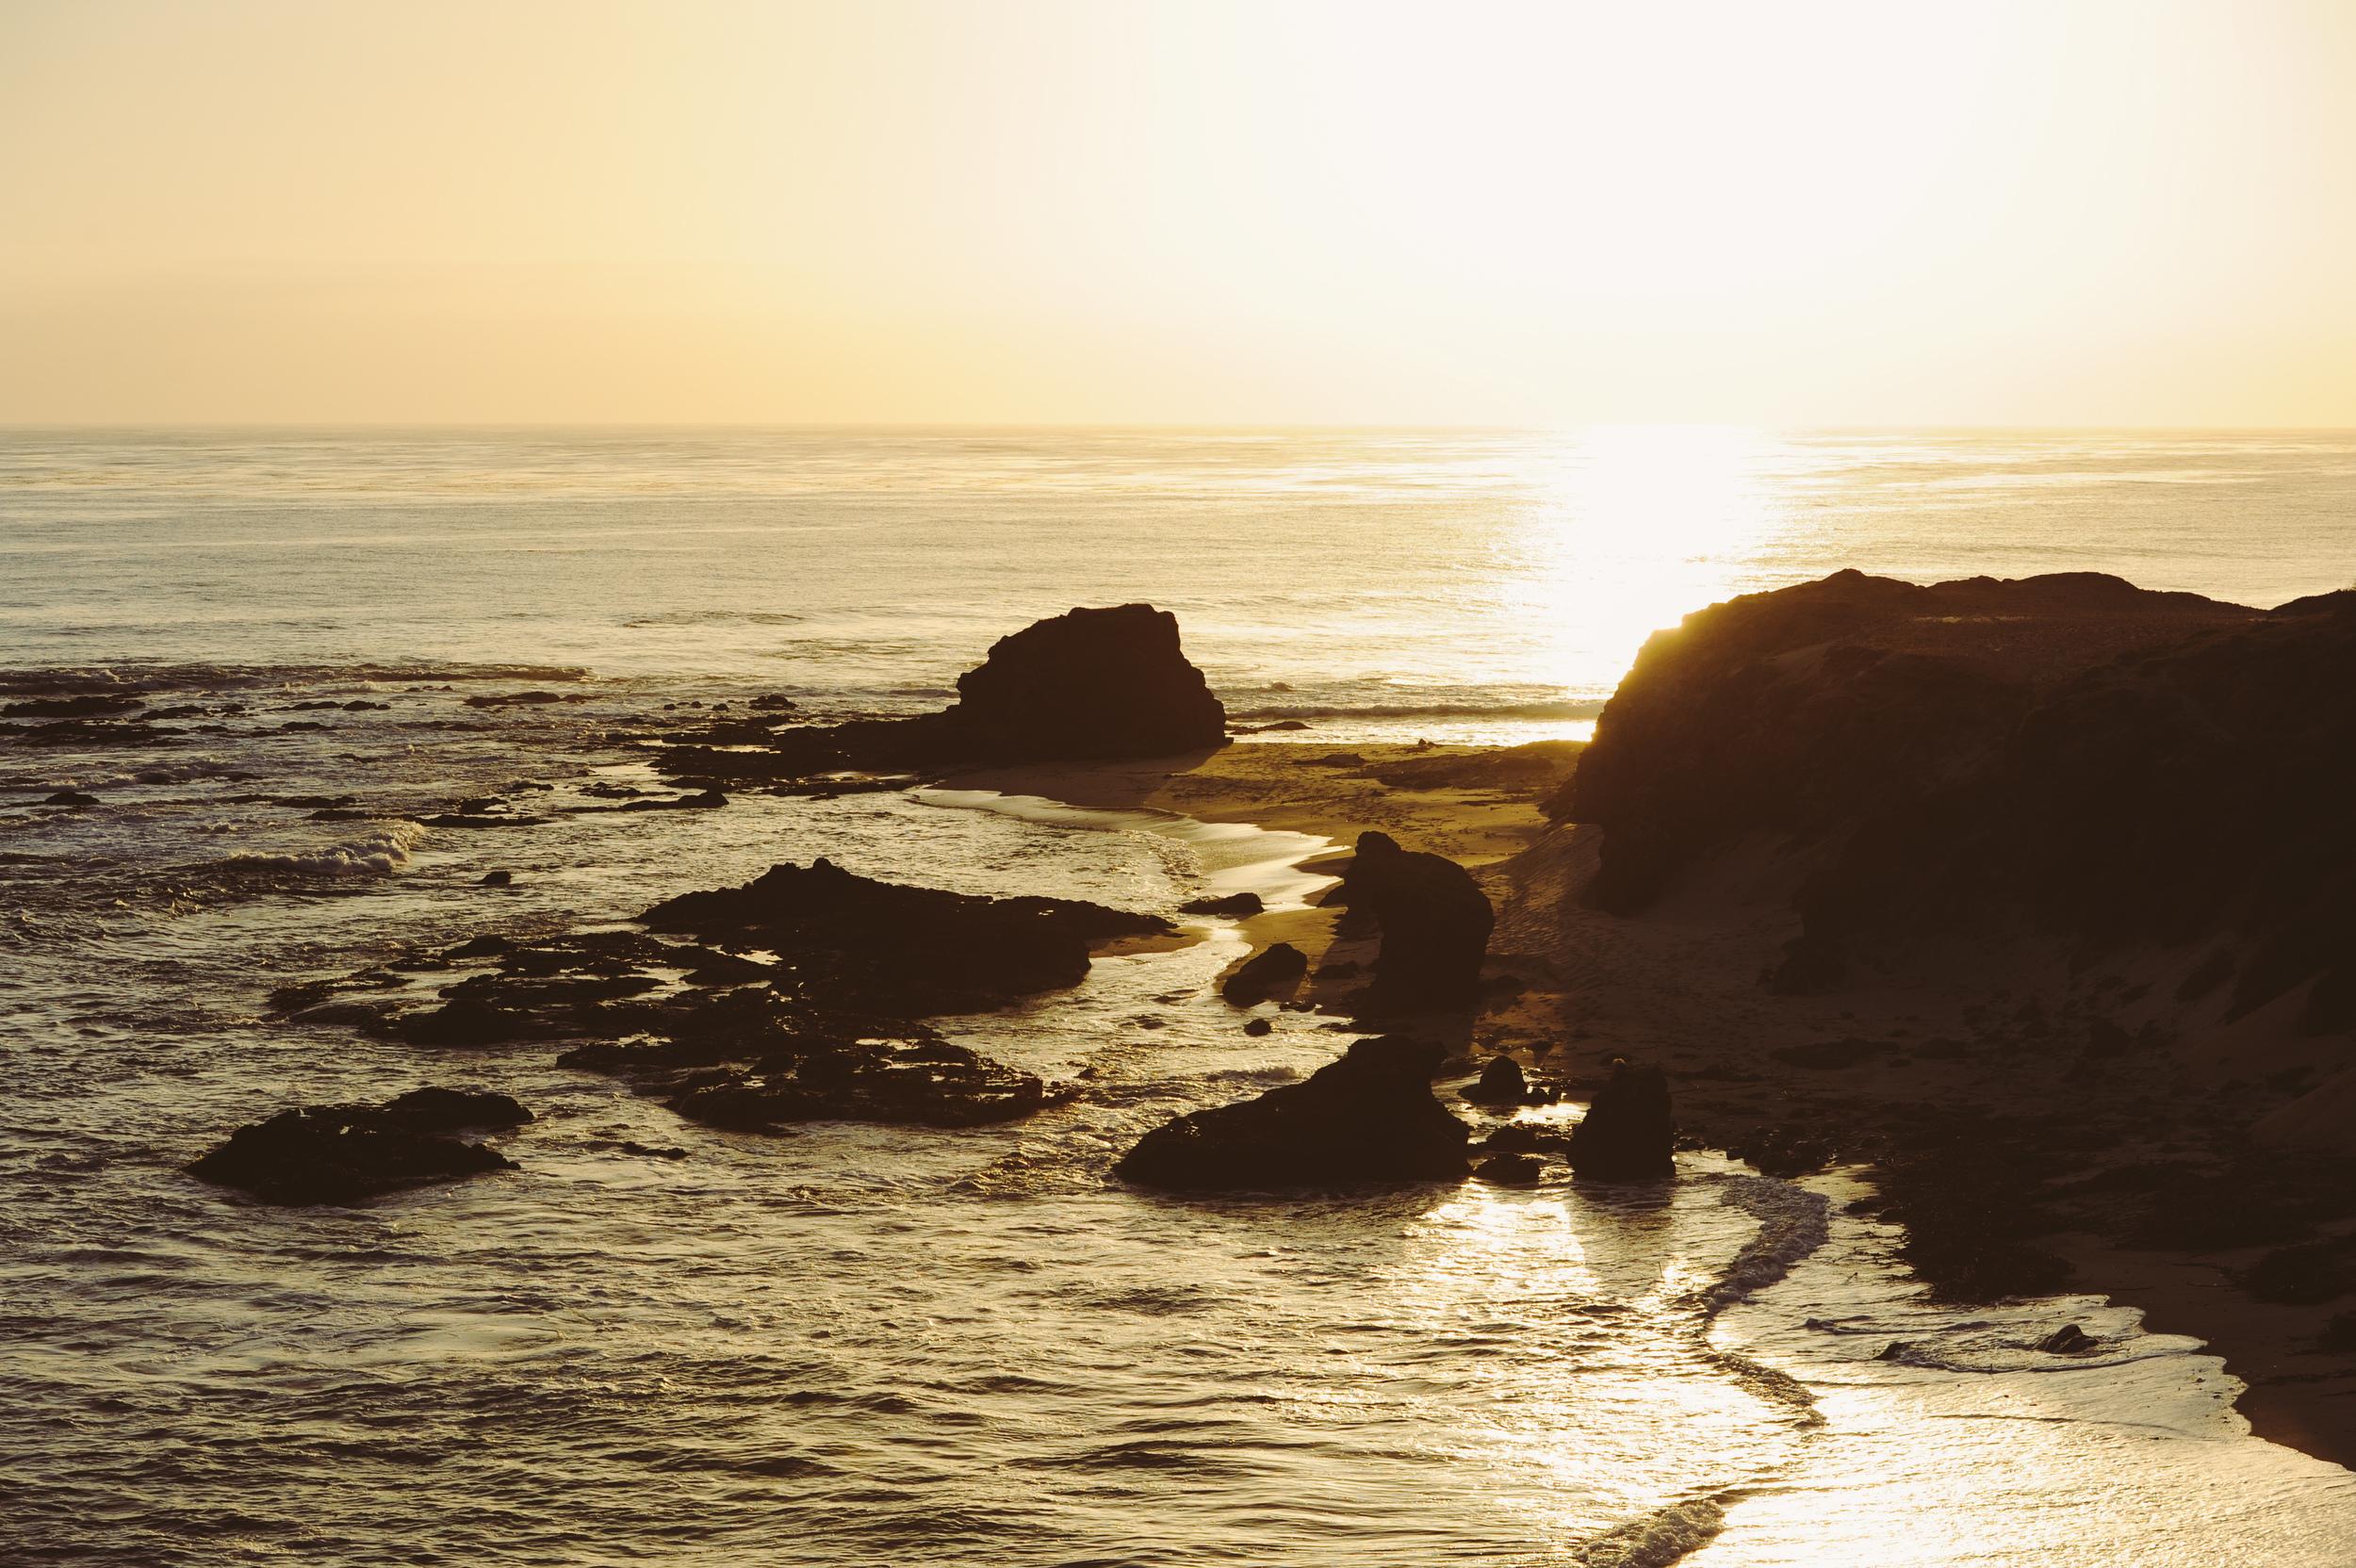 Sunsets + Big Sur = breathtaking